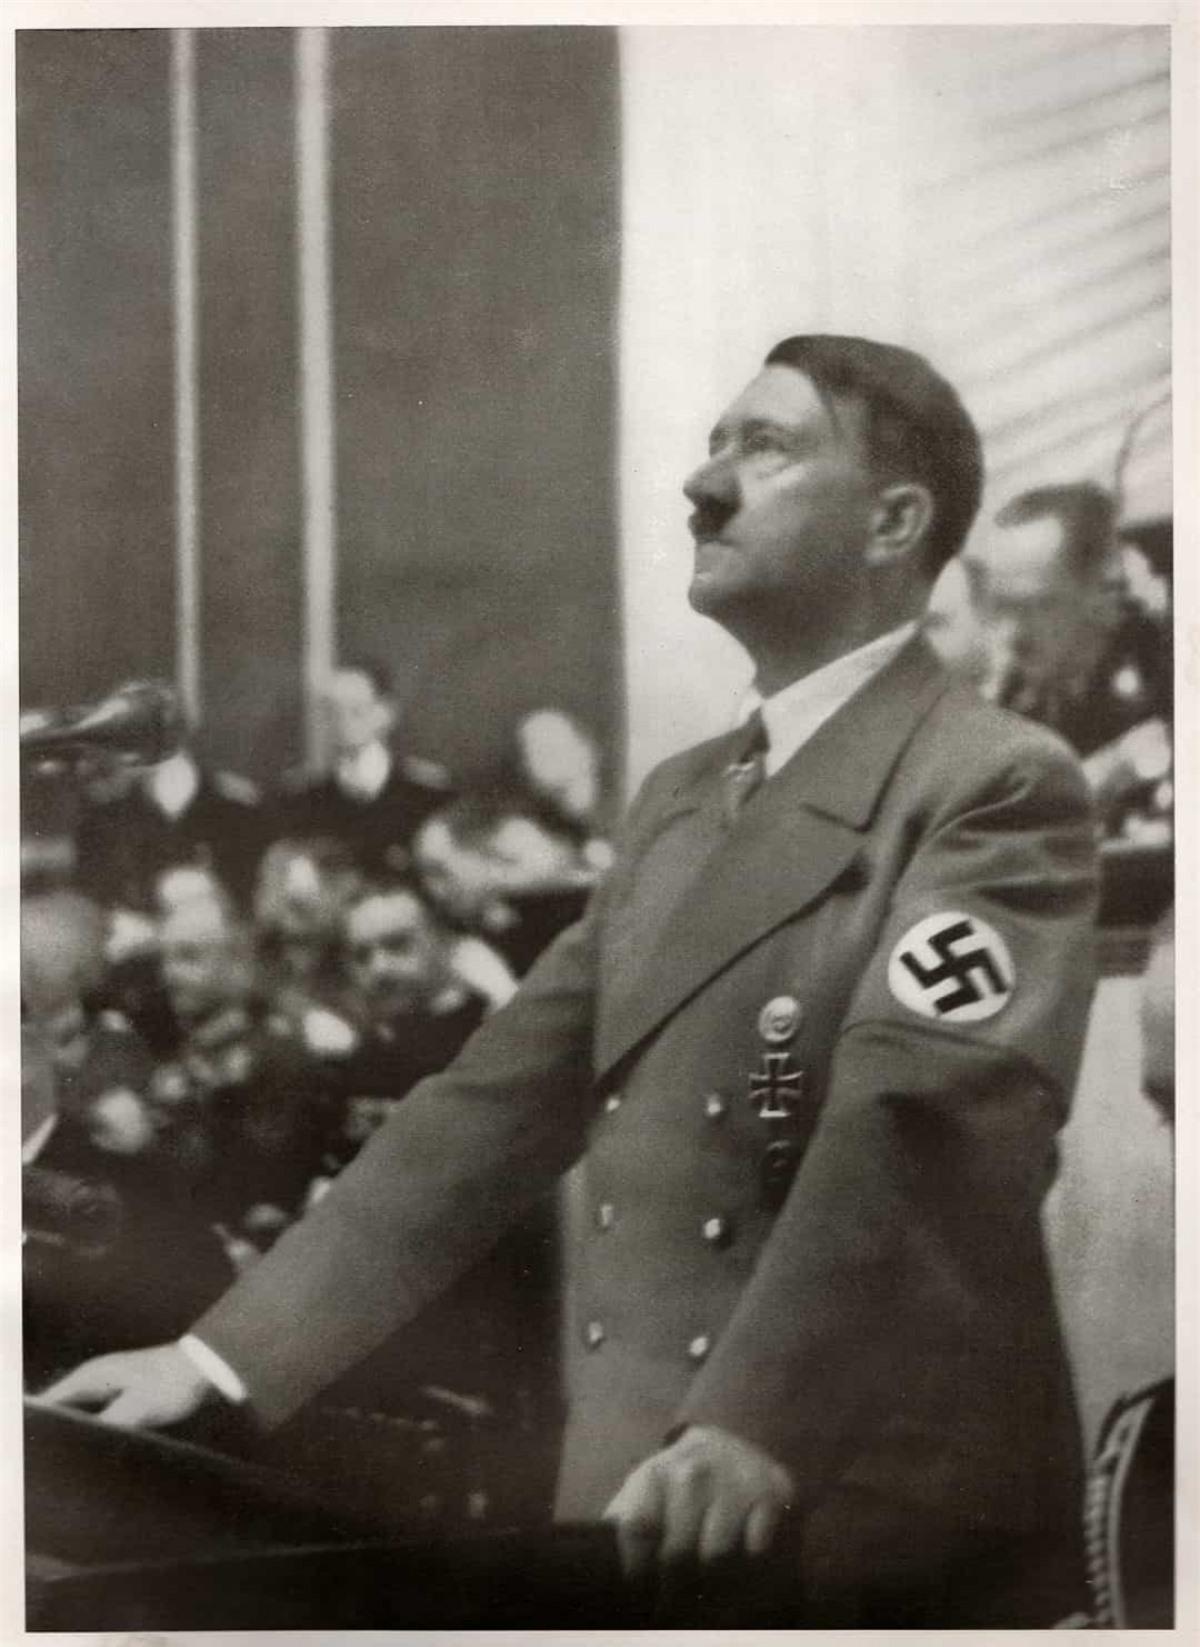 Một bài báo trên The Telegraph tiết lộ rằng mật vụ Mỹ từng cố gắng cho chất làm tăng hormone nữ vào đồ ăn của Hitler.